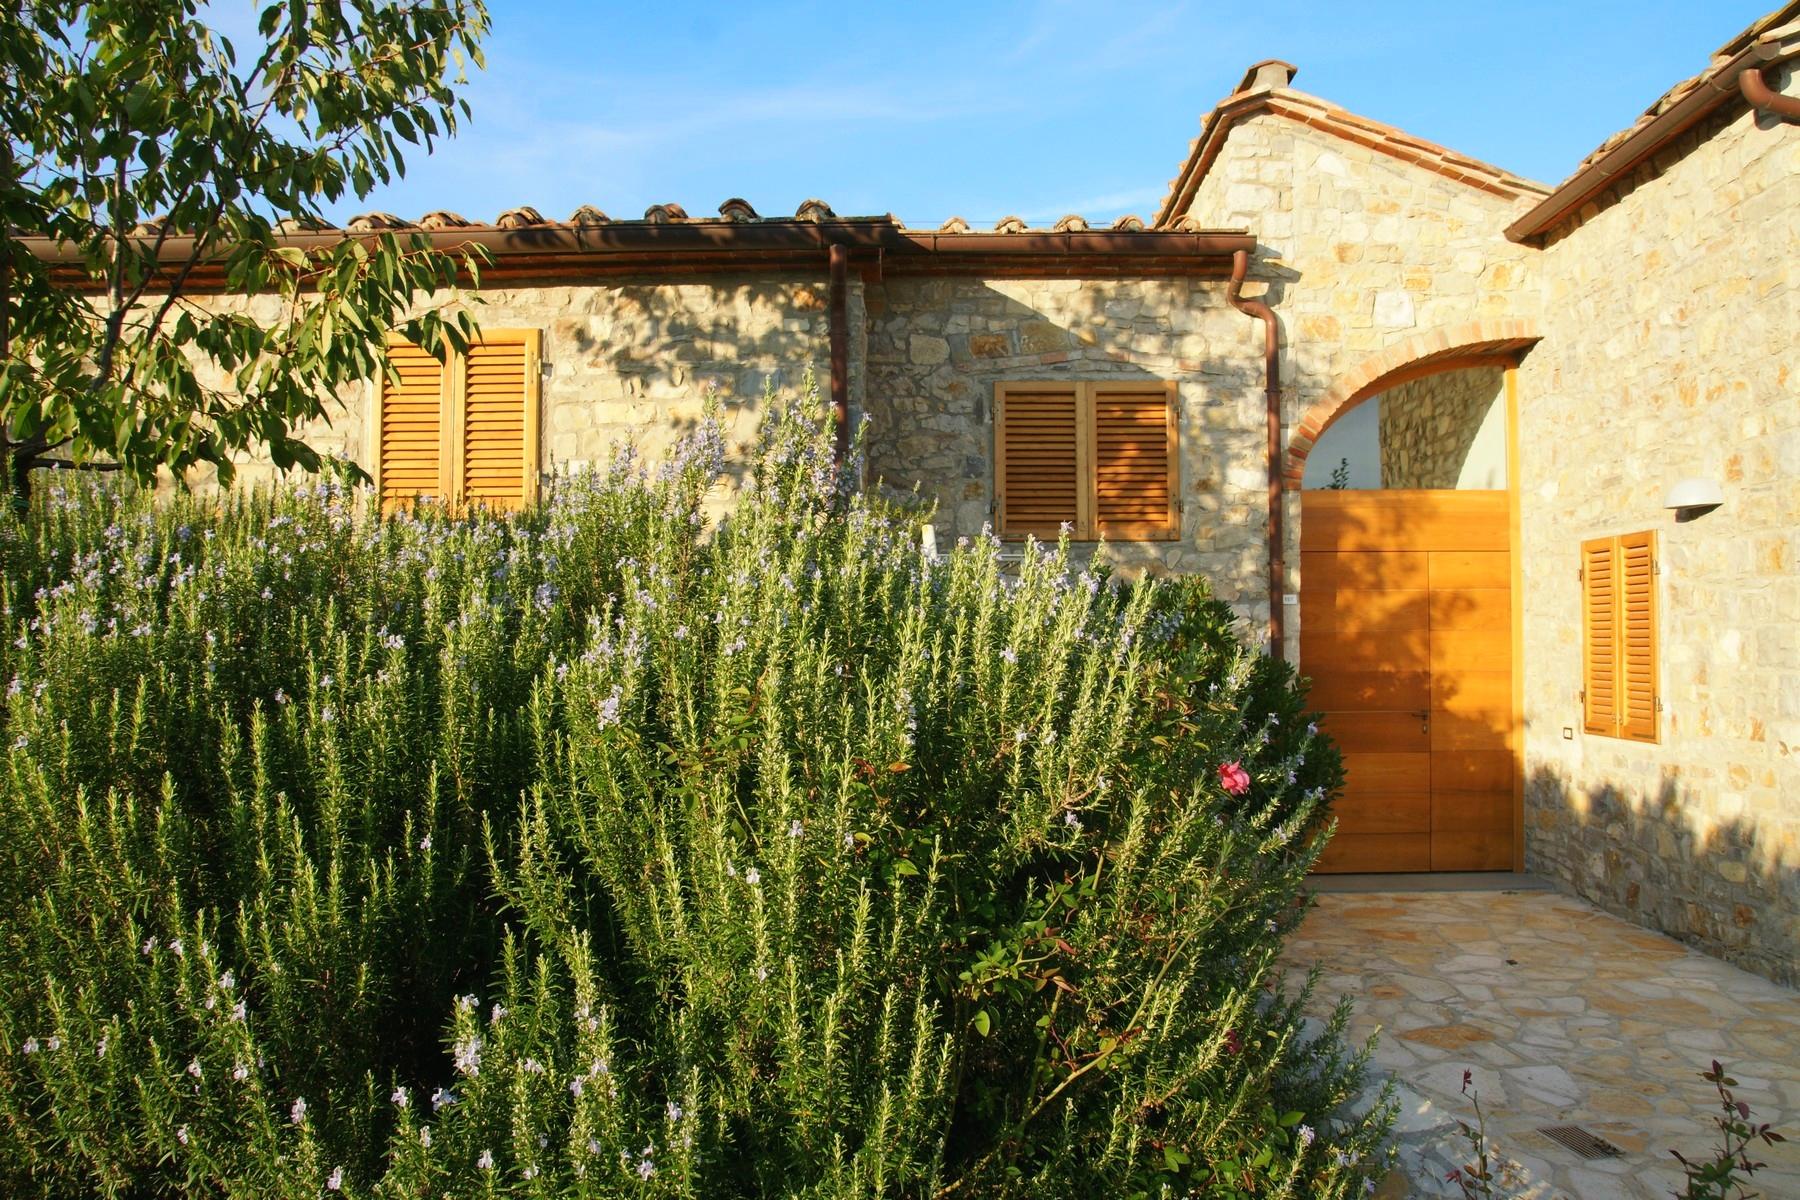 Rustico in Vendita a Gaiole In Chianti: 5 locali, 1380 mq - Foto 5